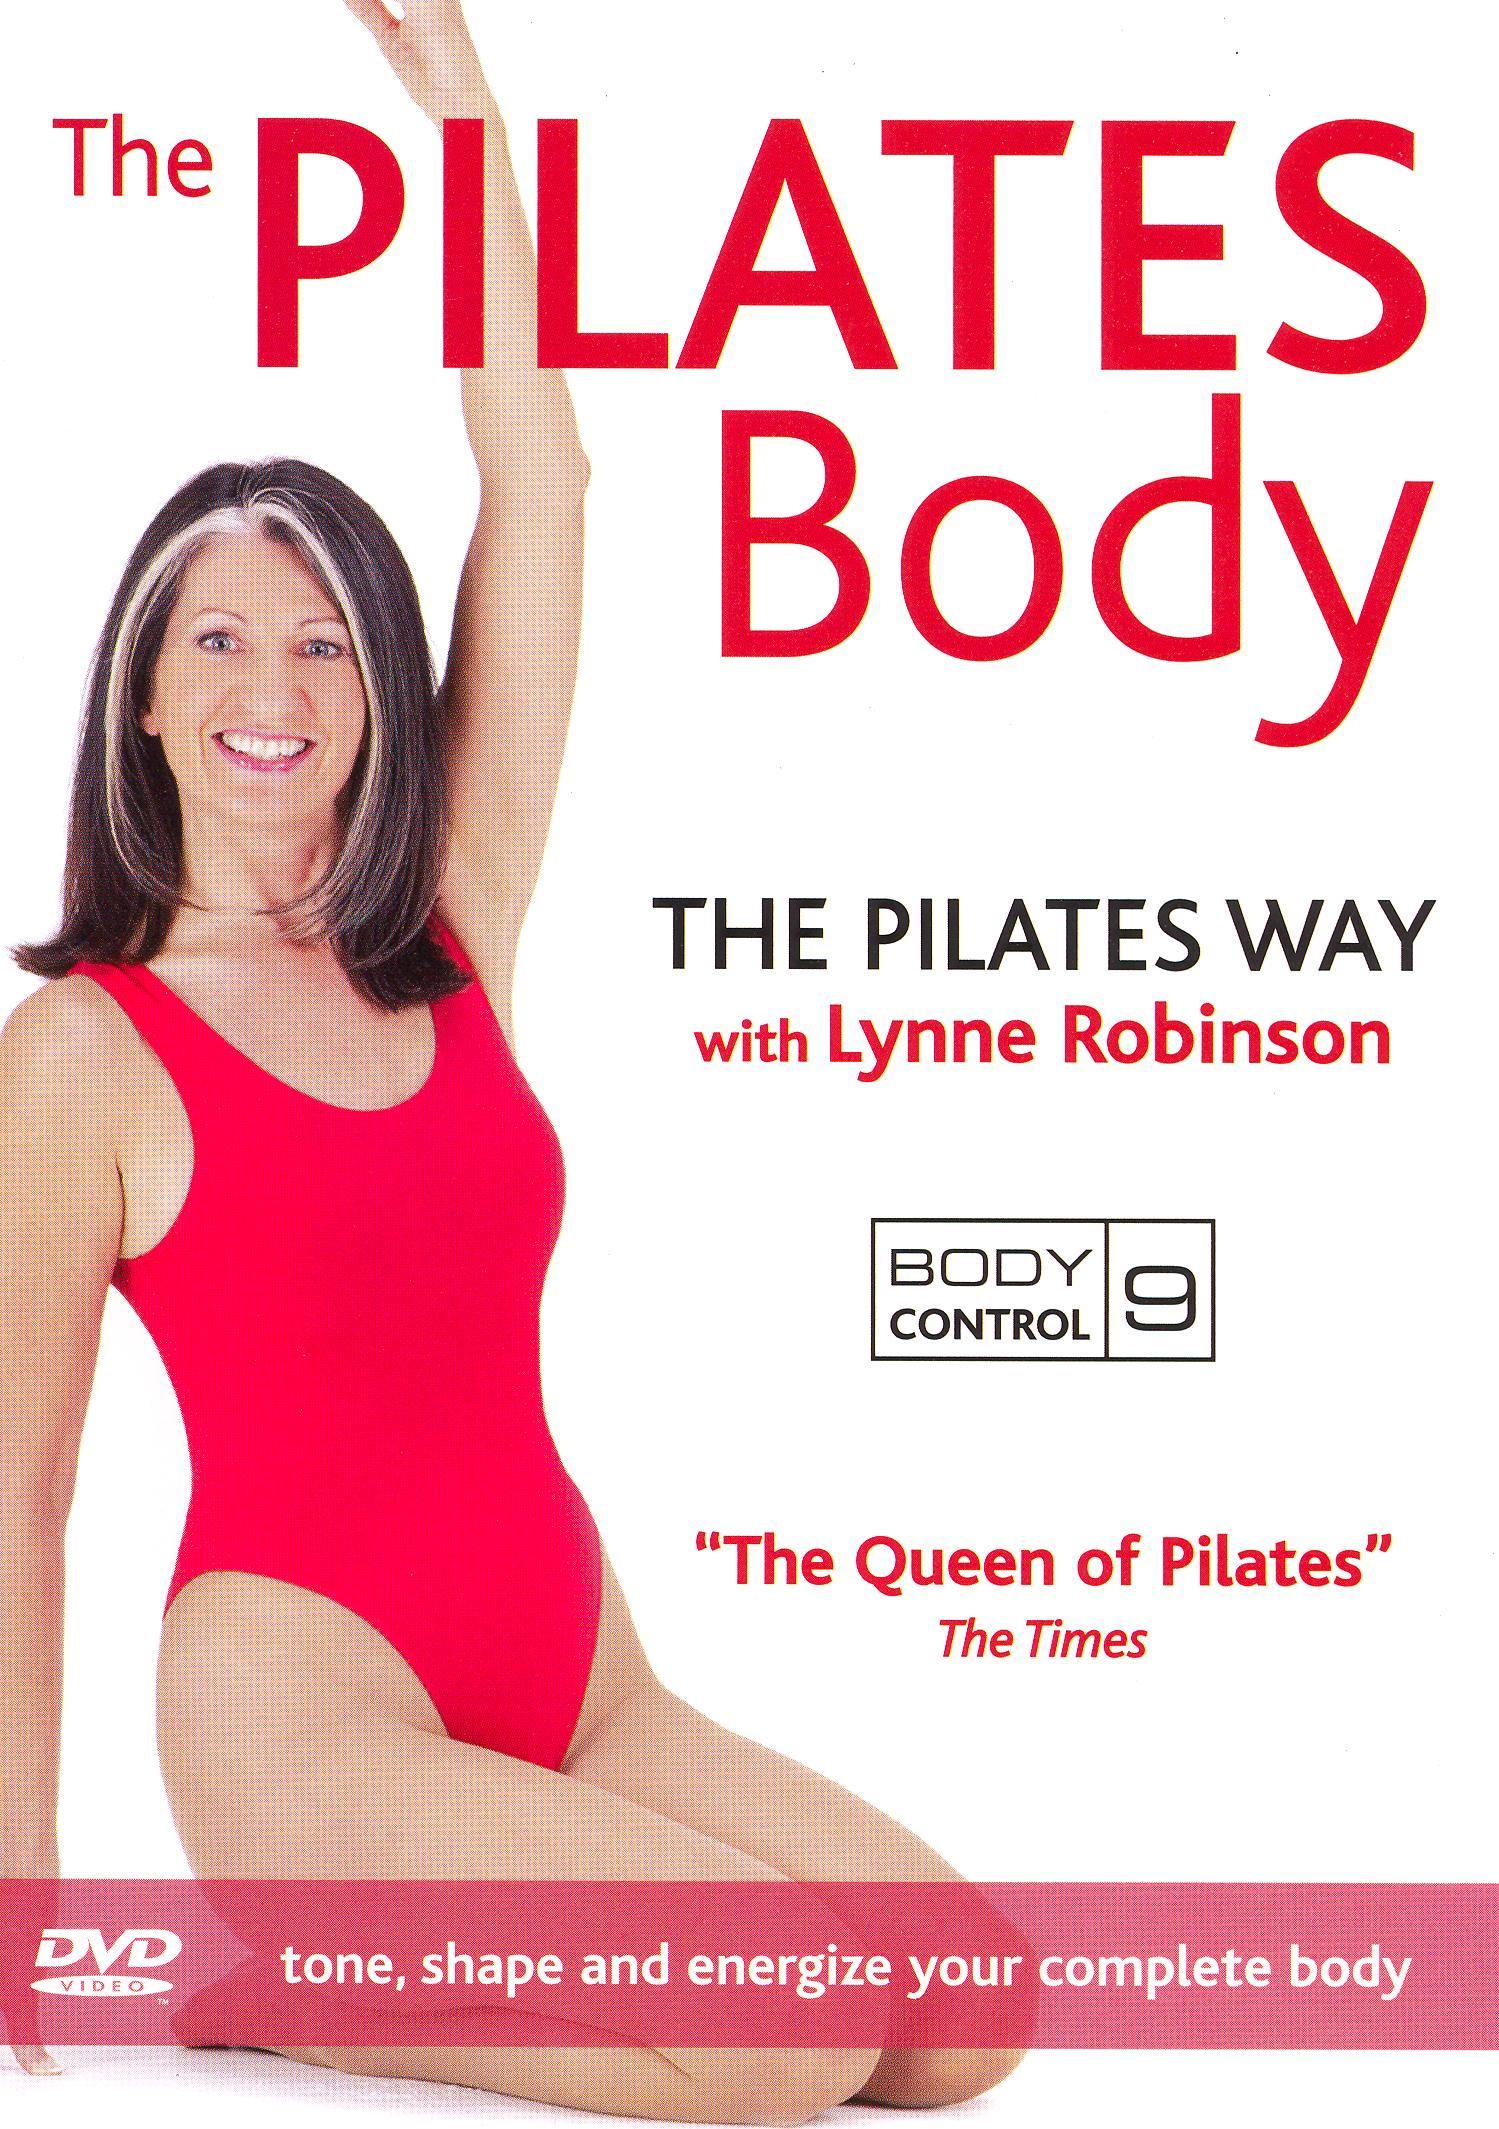 Lynne Robinson: Body Control 9 - The Pilates Body